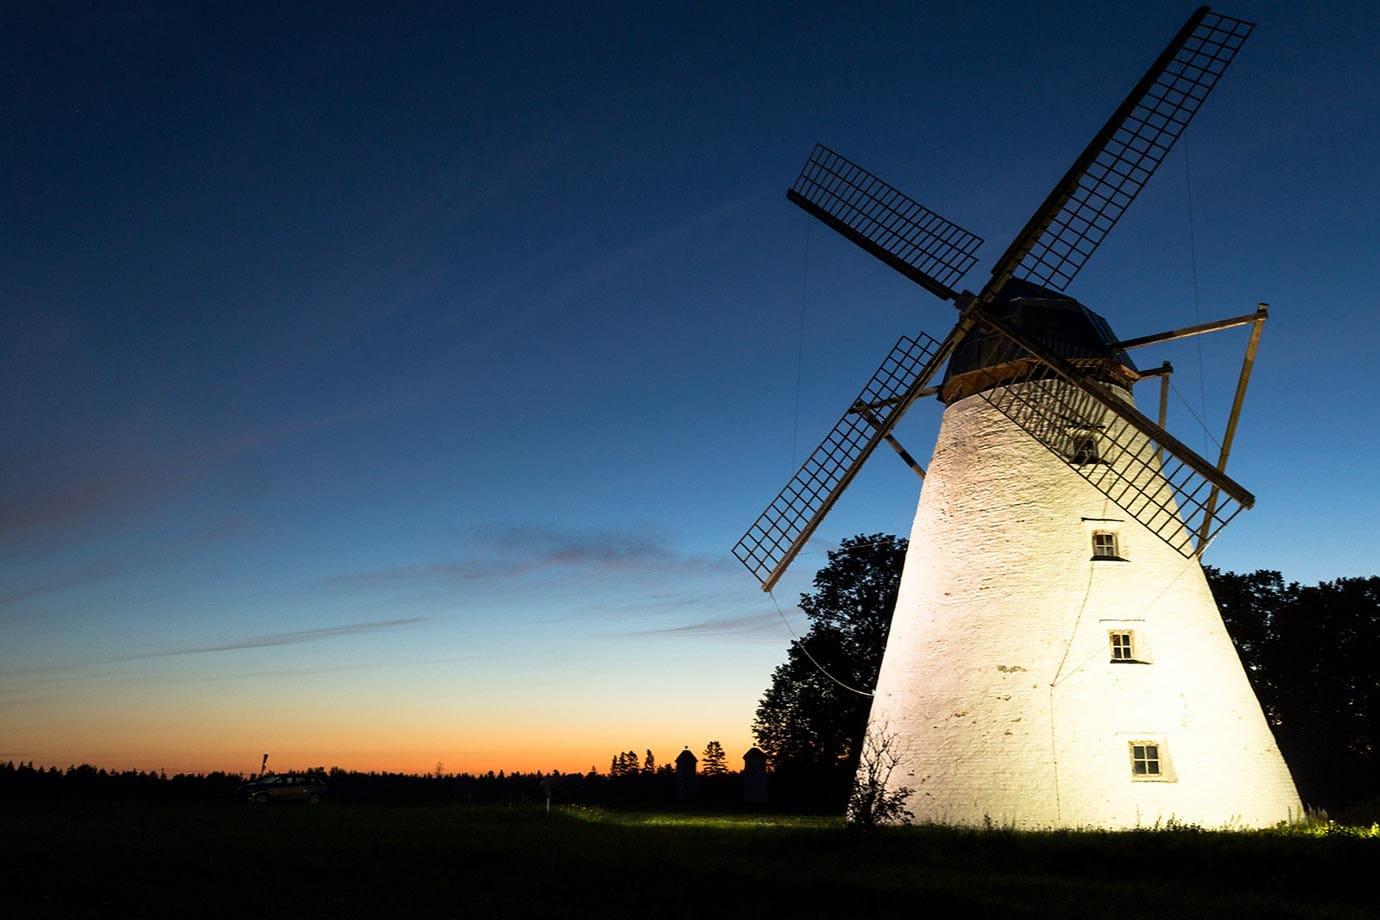 Windmill lit up at night in Estonia